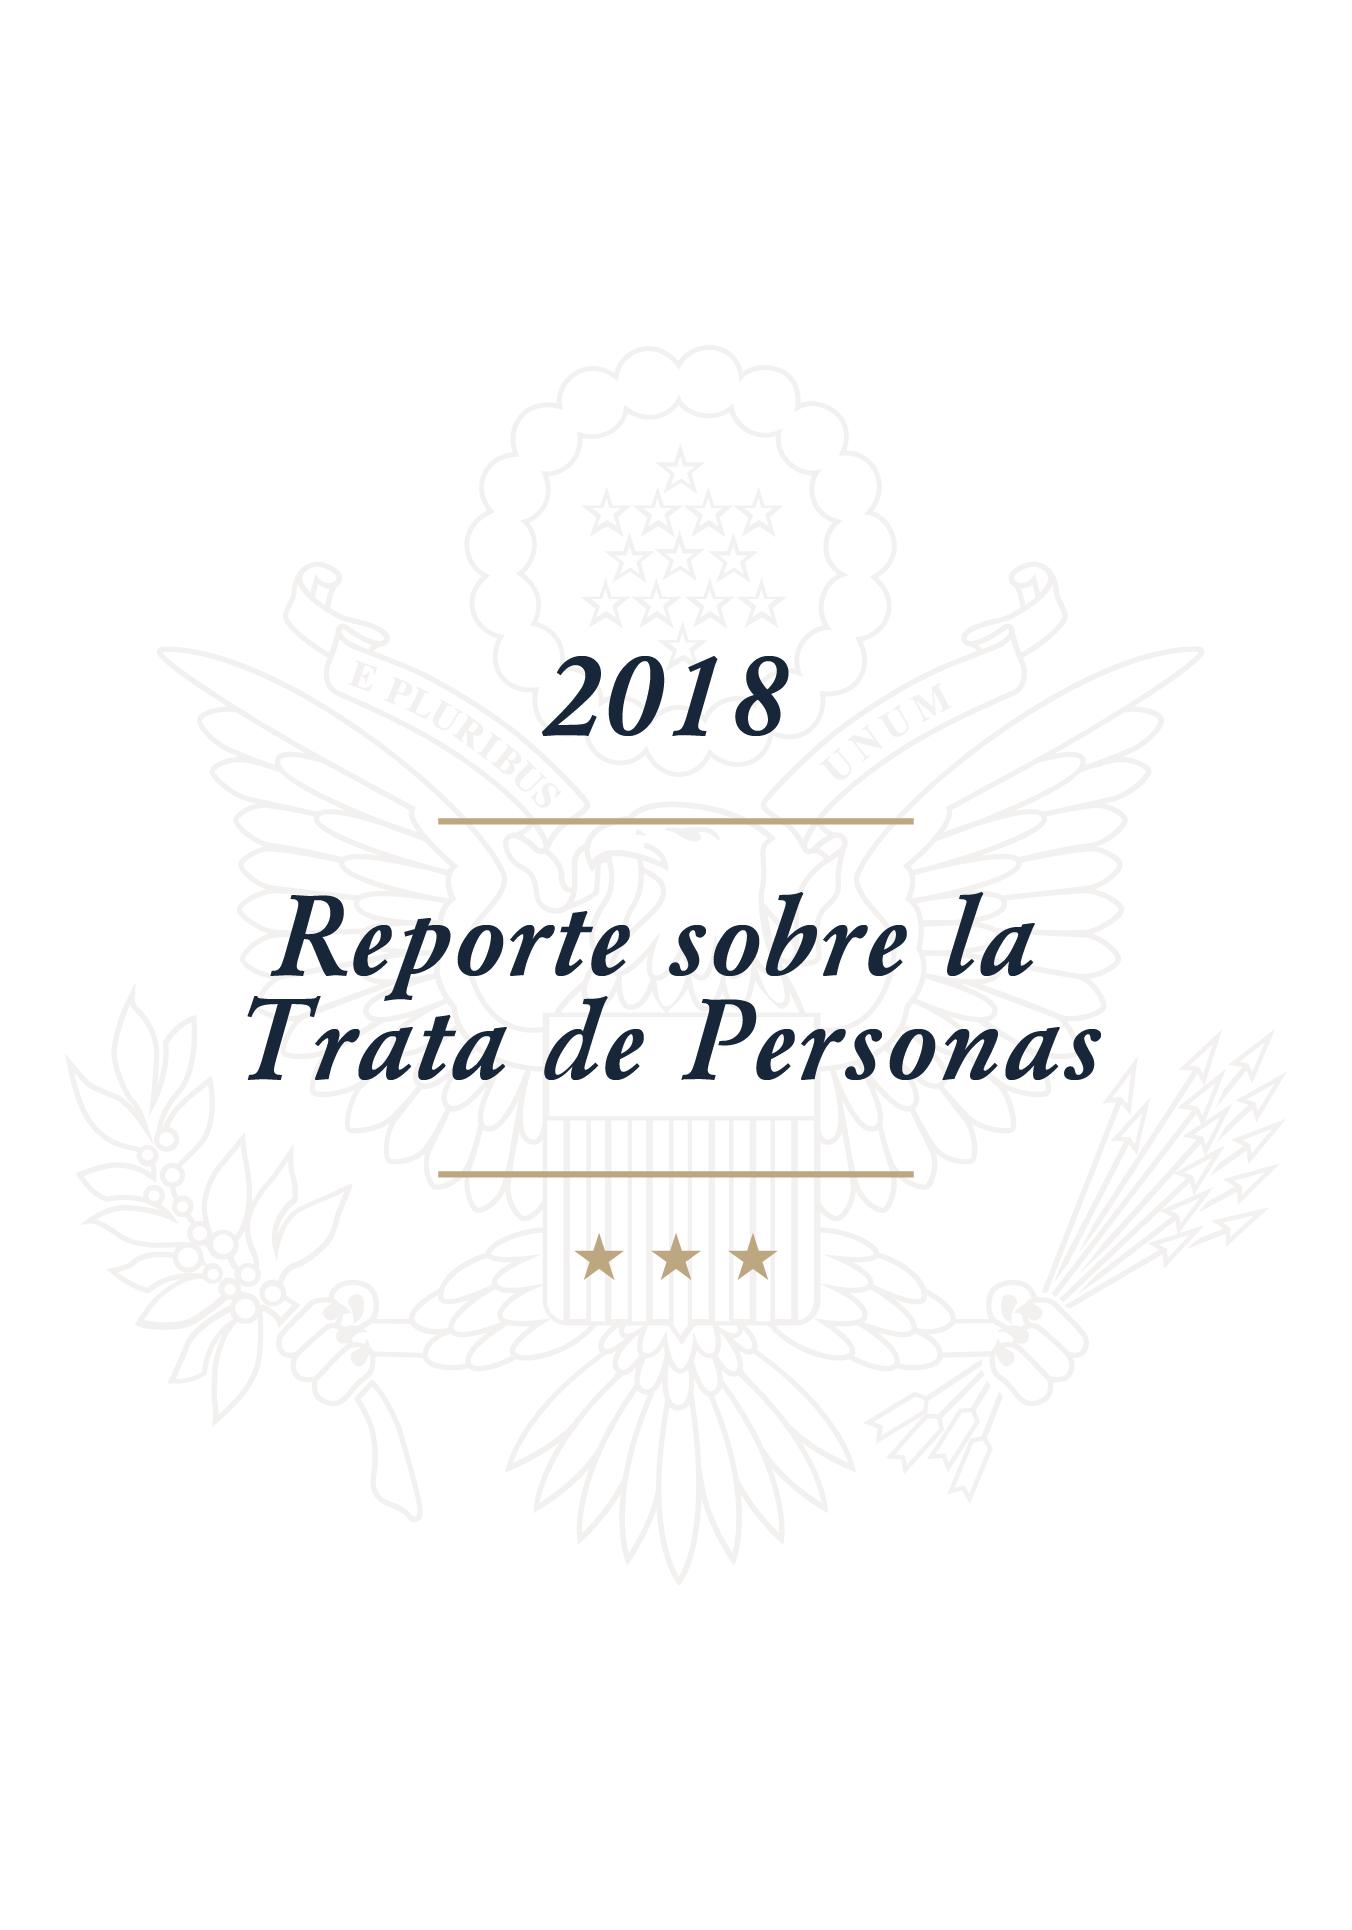 Reporte sobre la Trata de Personas 2018